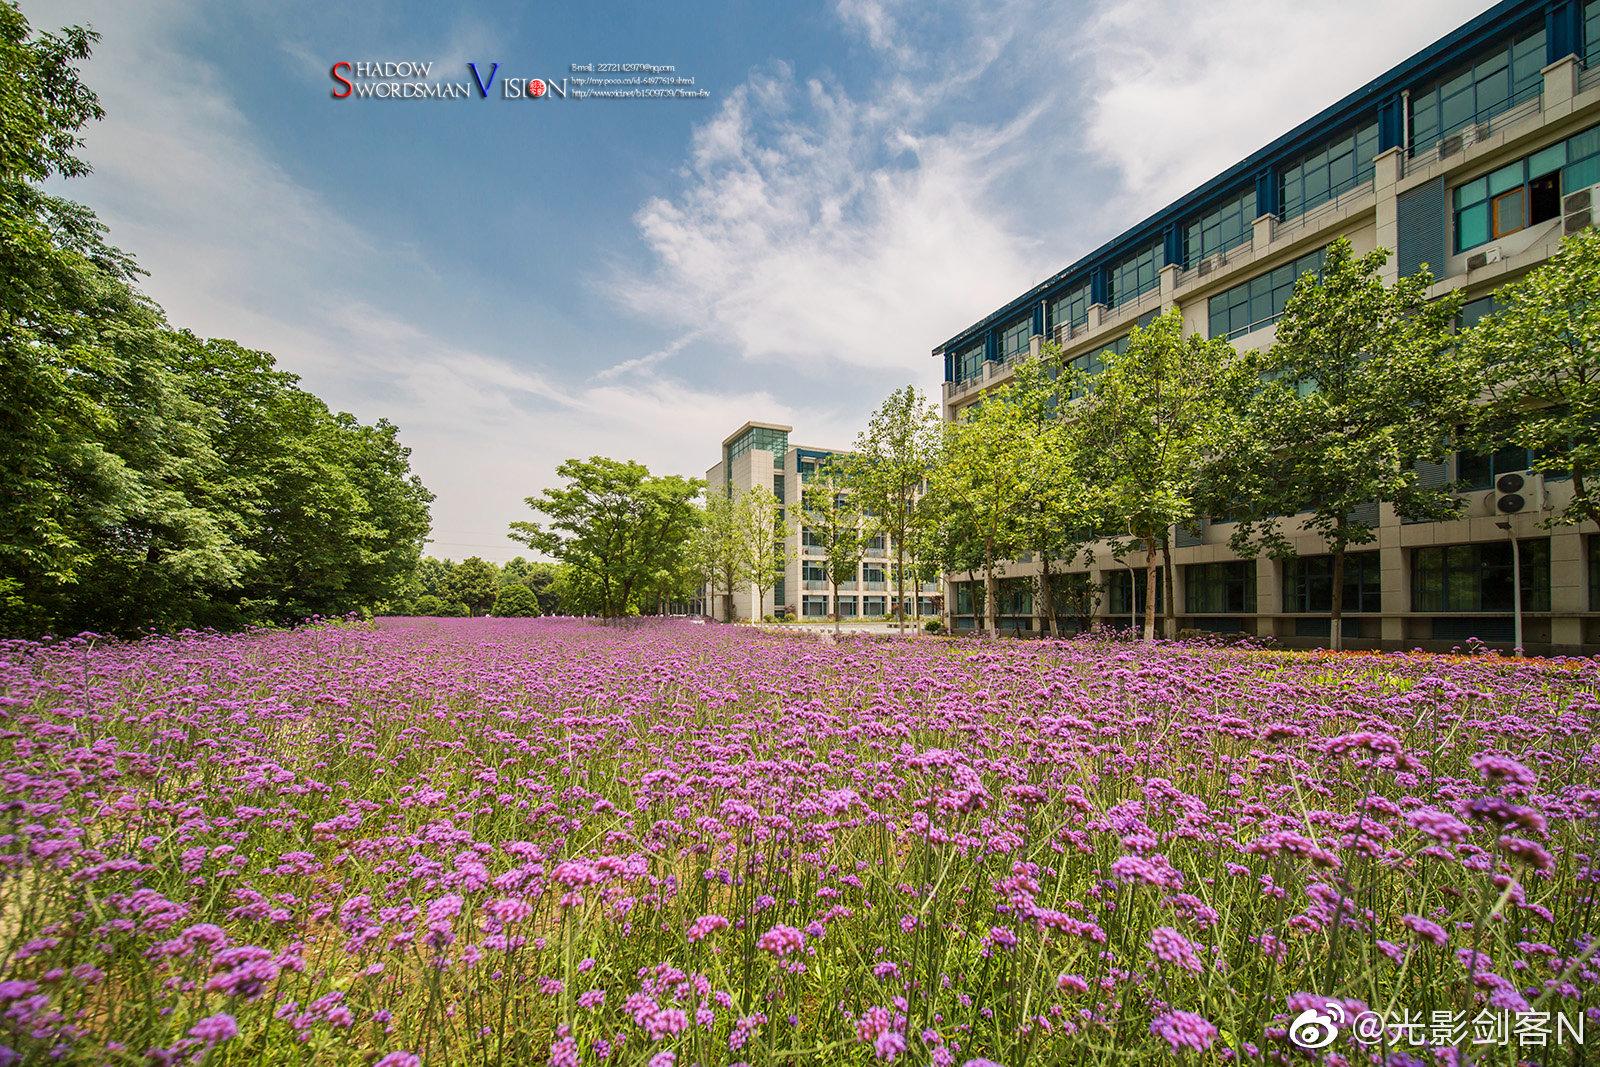 梦幻花海南京工业职业技术学院的紫顶龙芽(柳叶马鞭草)现在正是盛